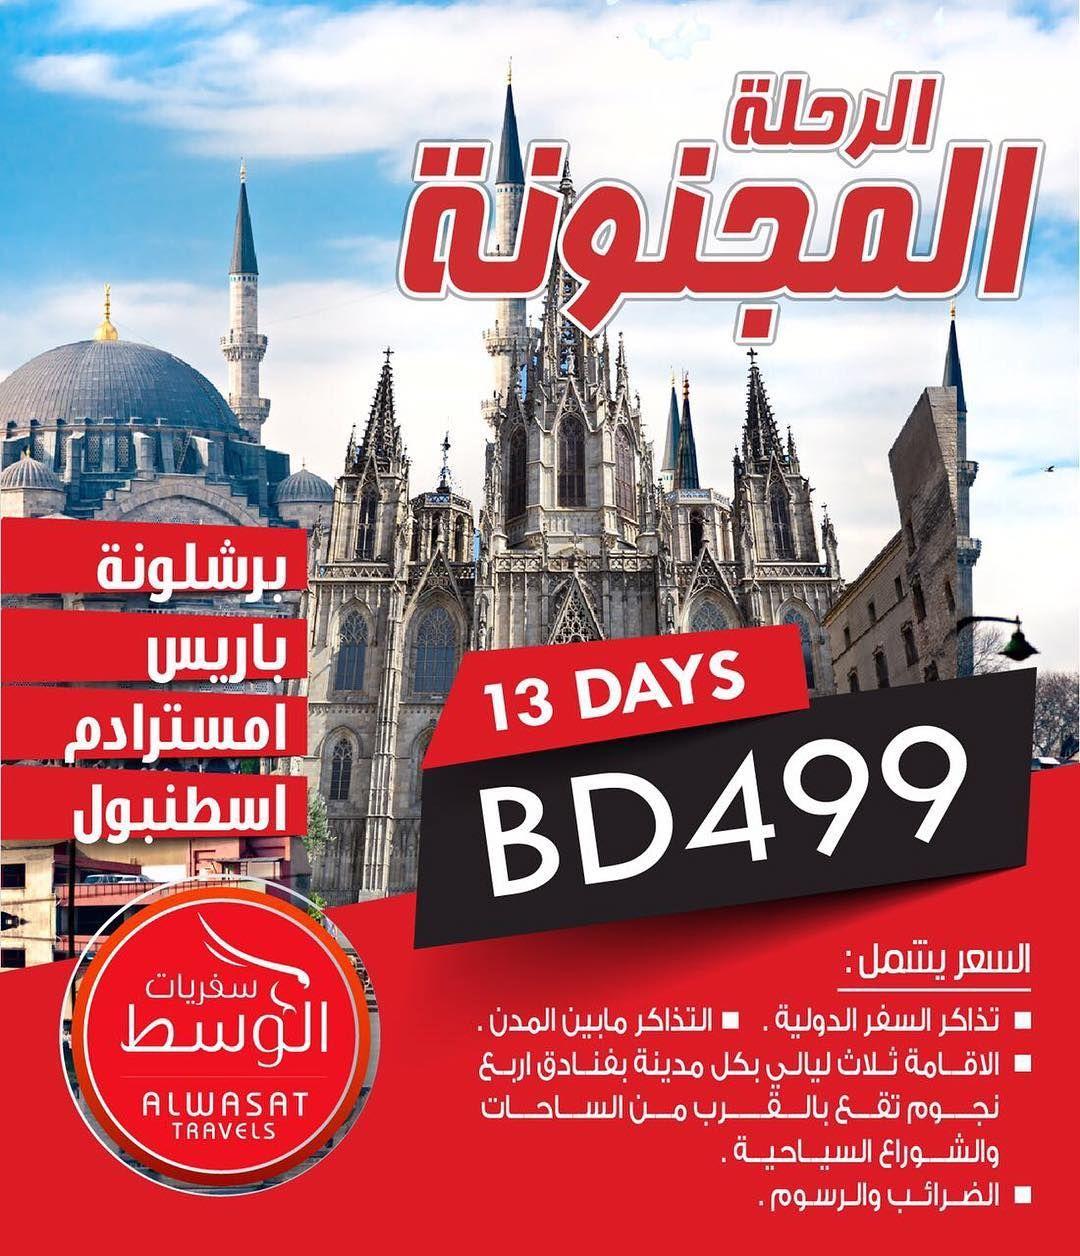 الرحلة المجنونة برشلونة باريس امسترادم اسطنبول يوم بسعر السعر يشمل تذاكر السفر الدولية التذاكر مابين المدن الا Instagram Travel Instagram Posts